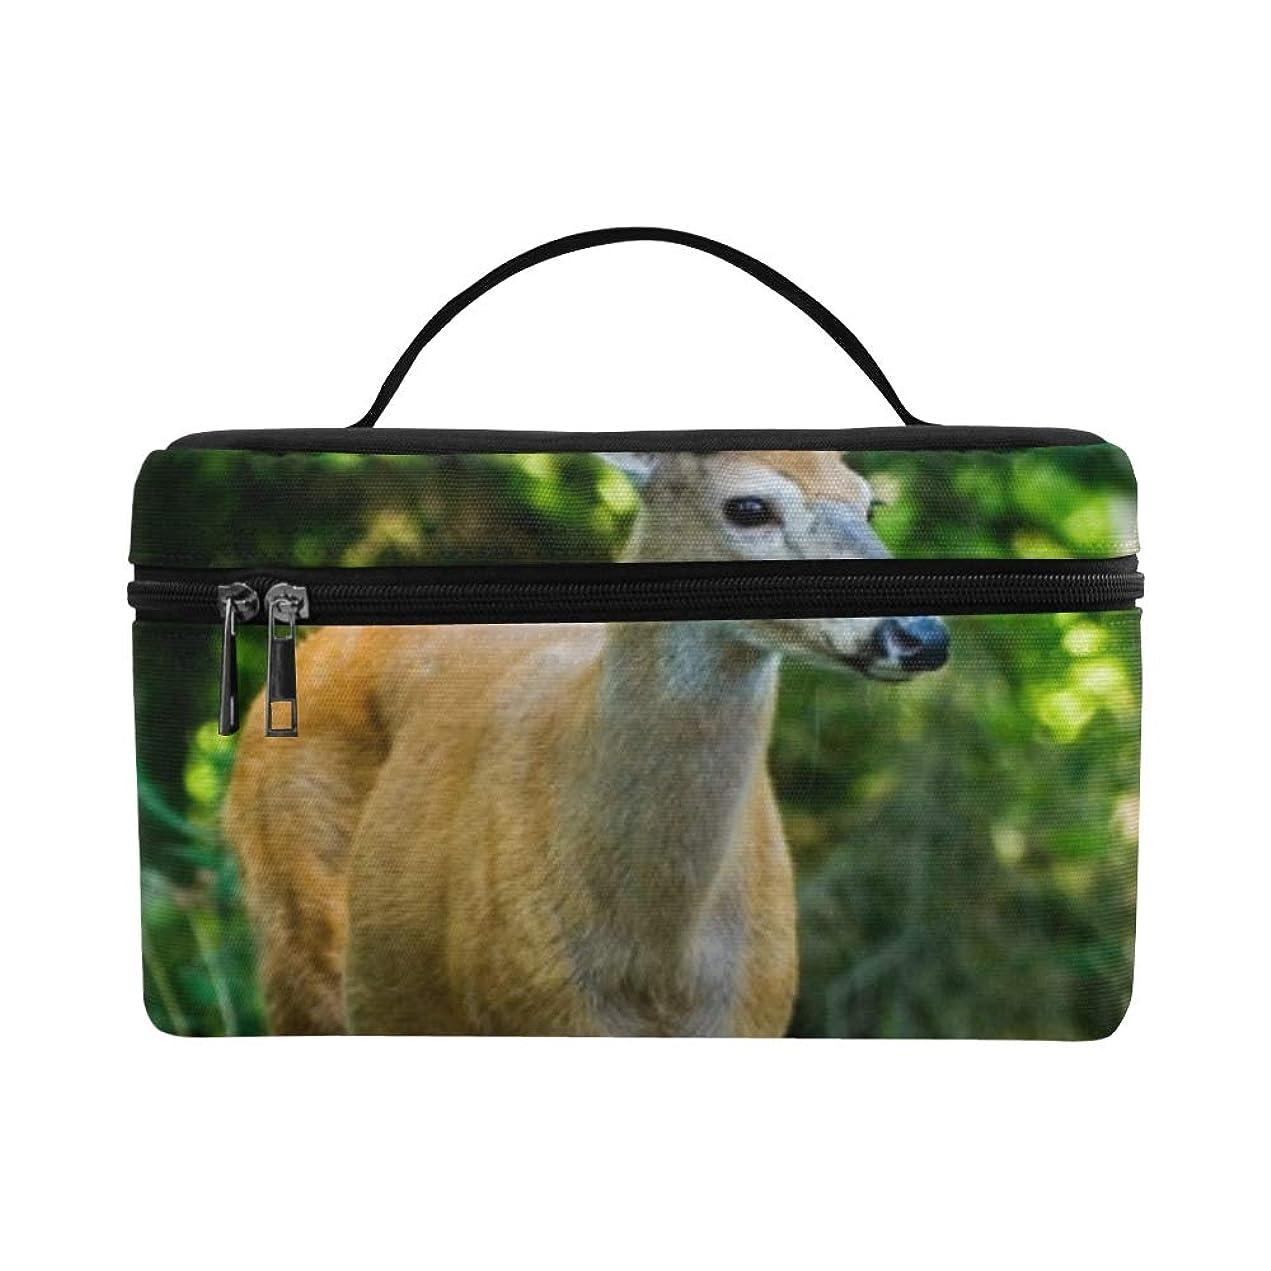 非公式契約九時四十五分GXMAN メイクボックス コスメ収納 化粧品収納ケース 大容量 収納ボックス 化粧品入れ 化粧バッグ 旅行用 メイクブラシバッグ 化粧箱 持ち運び便利 プロ用 可愛い動物 鹿